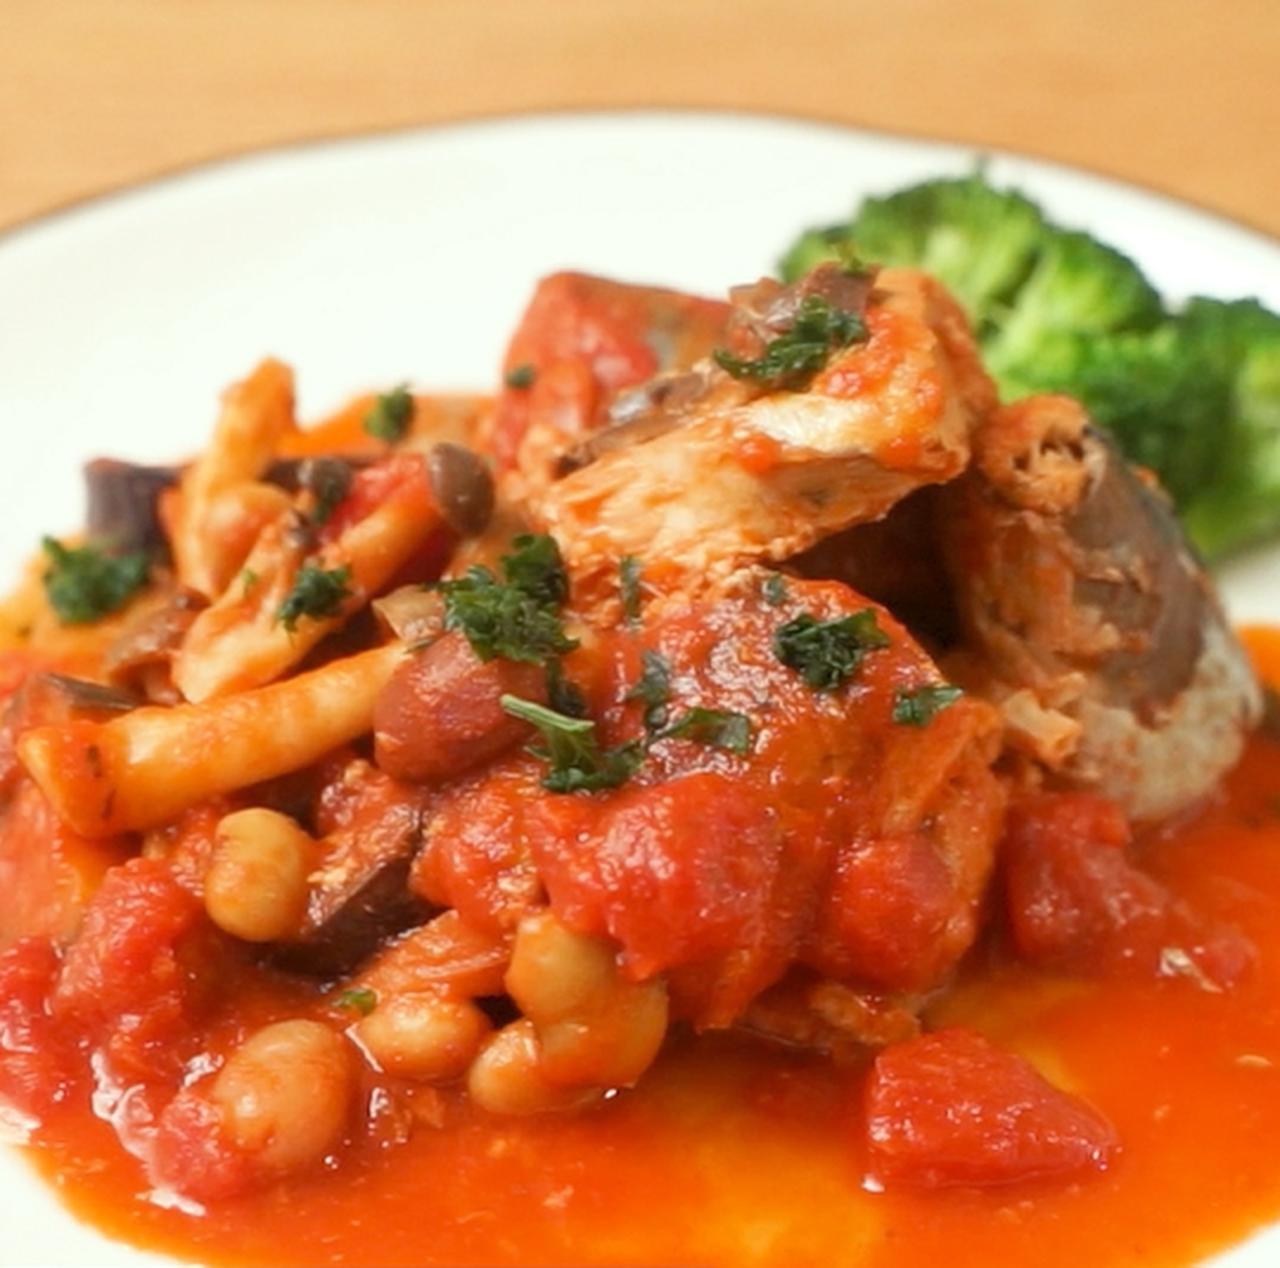 画像: 旨味たっぷり!さばのトマト煮 - 君とごはん